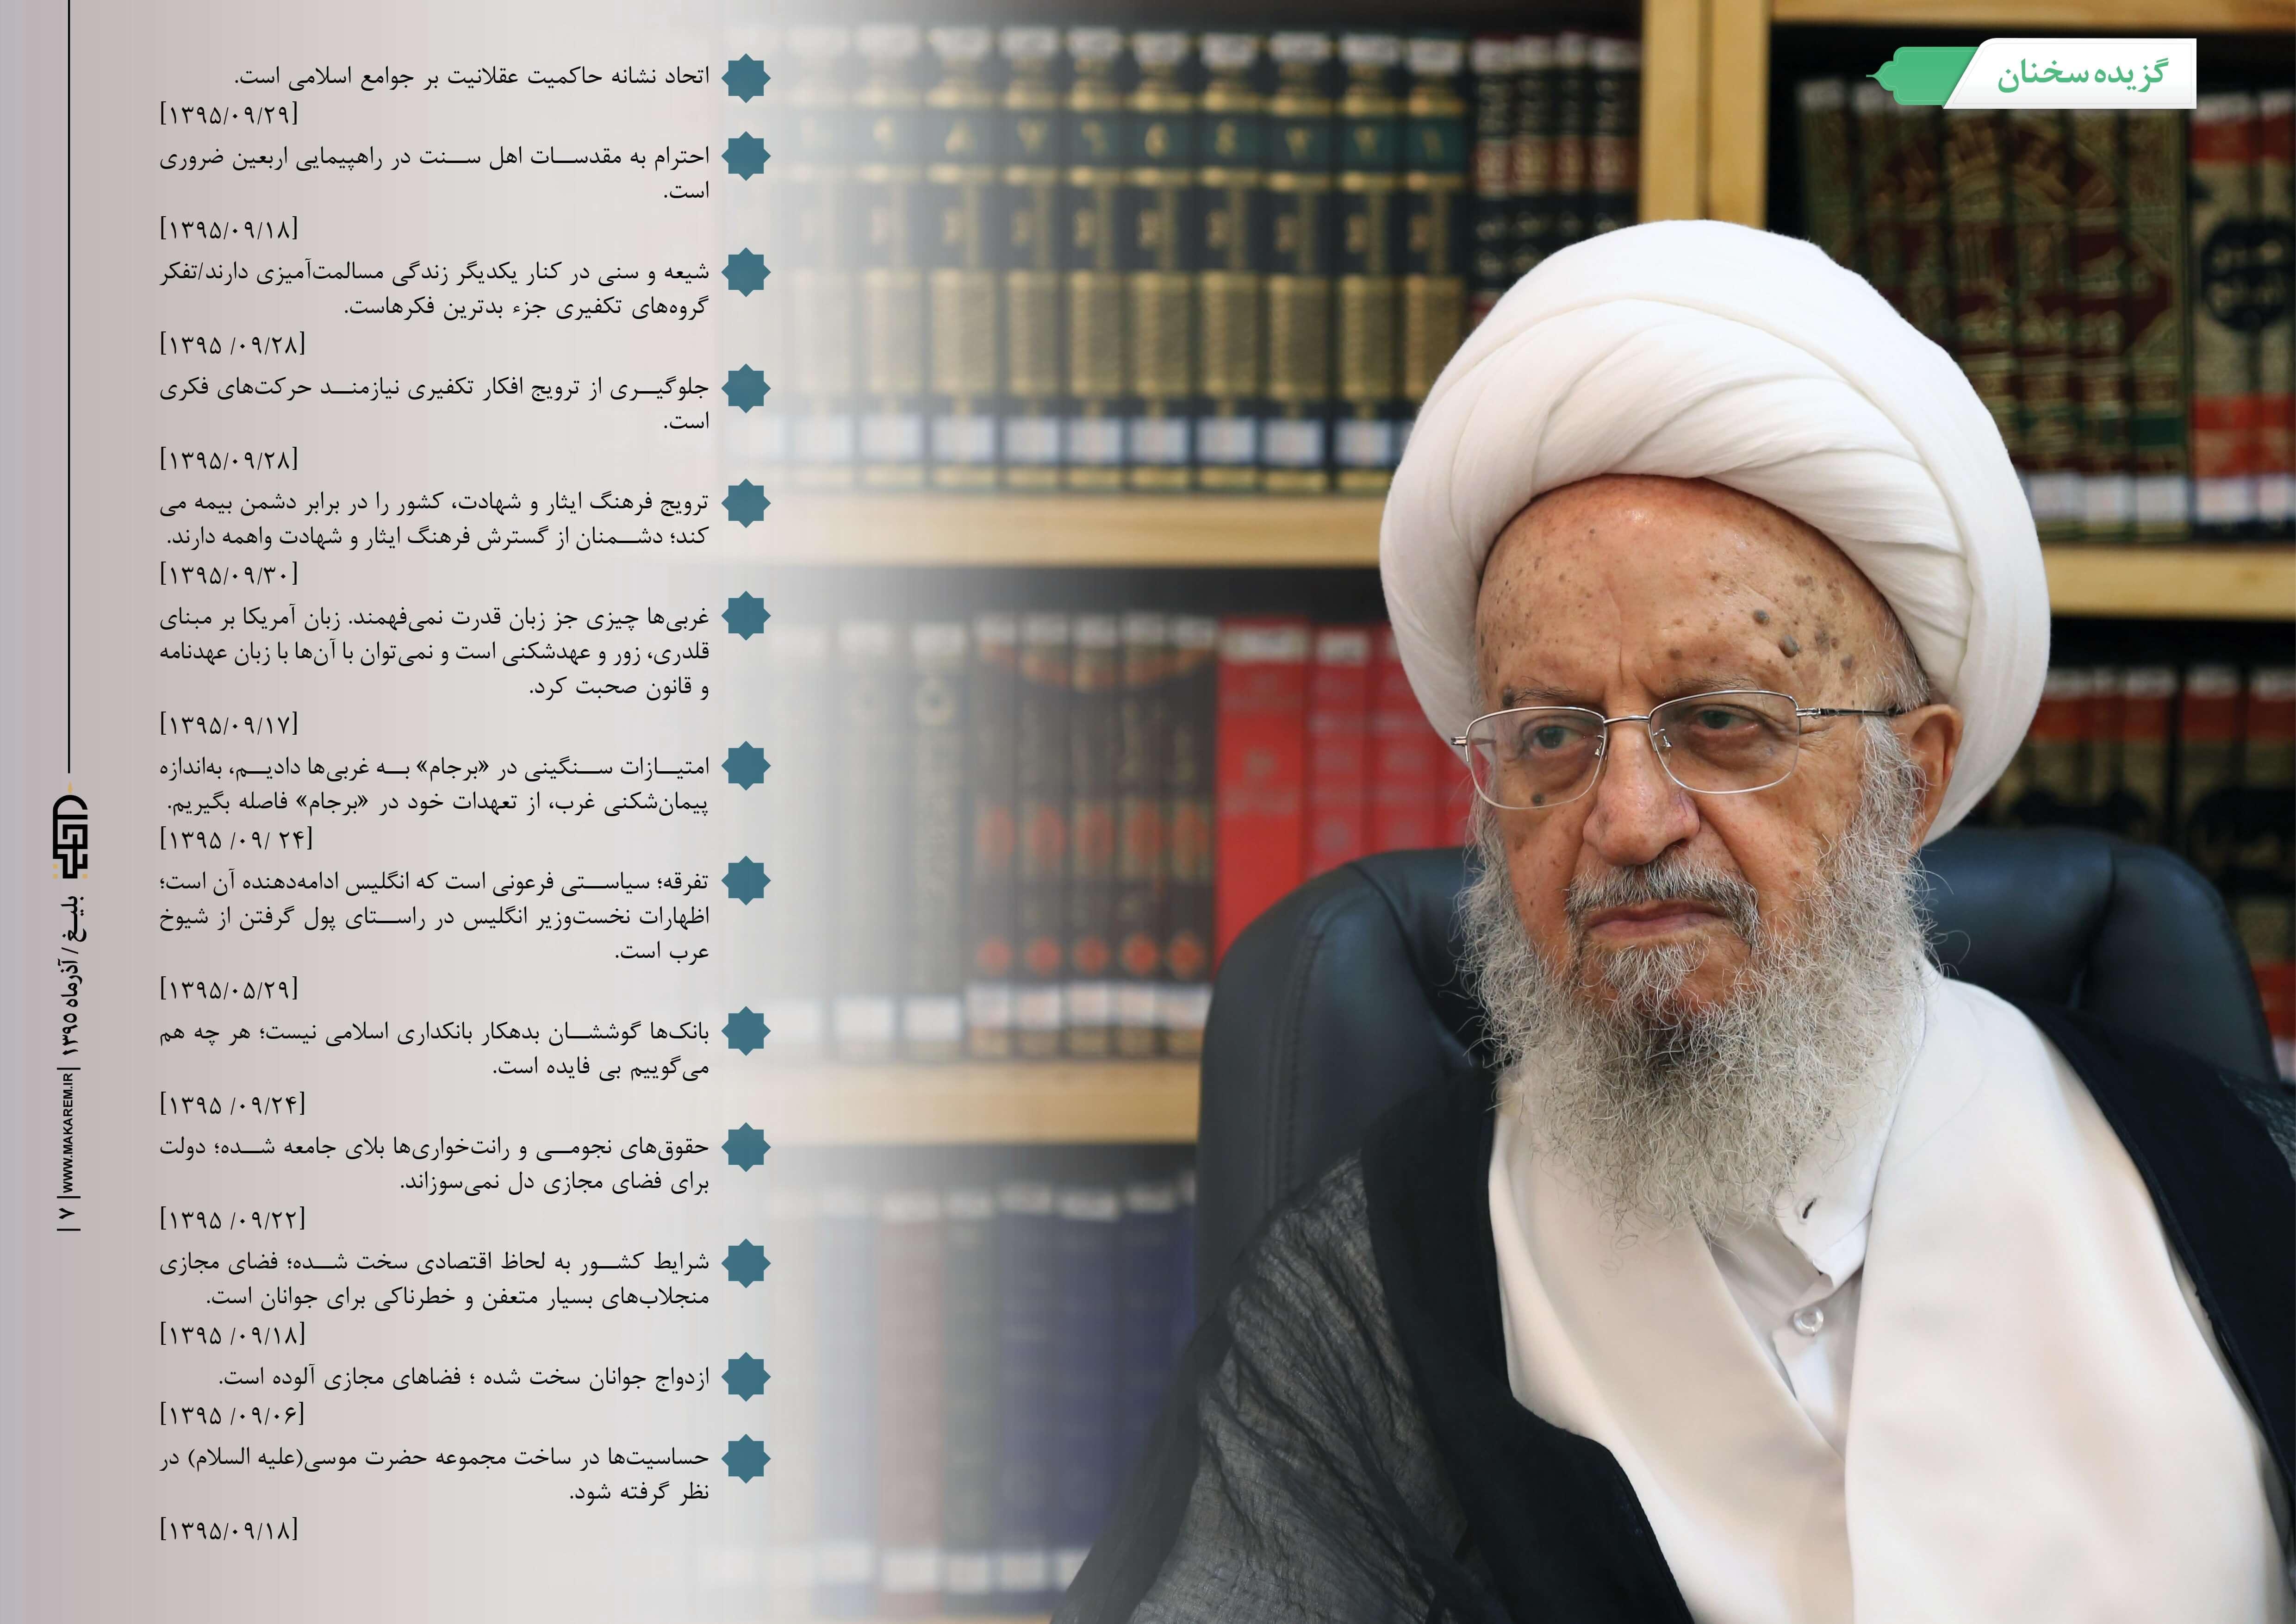 گزیده سخنان-مدرسه الامام امیر المومنین (ع)